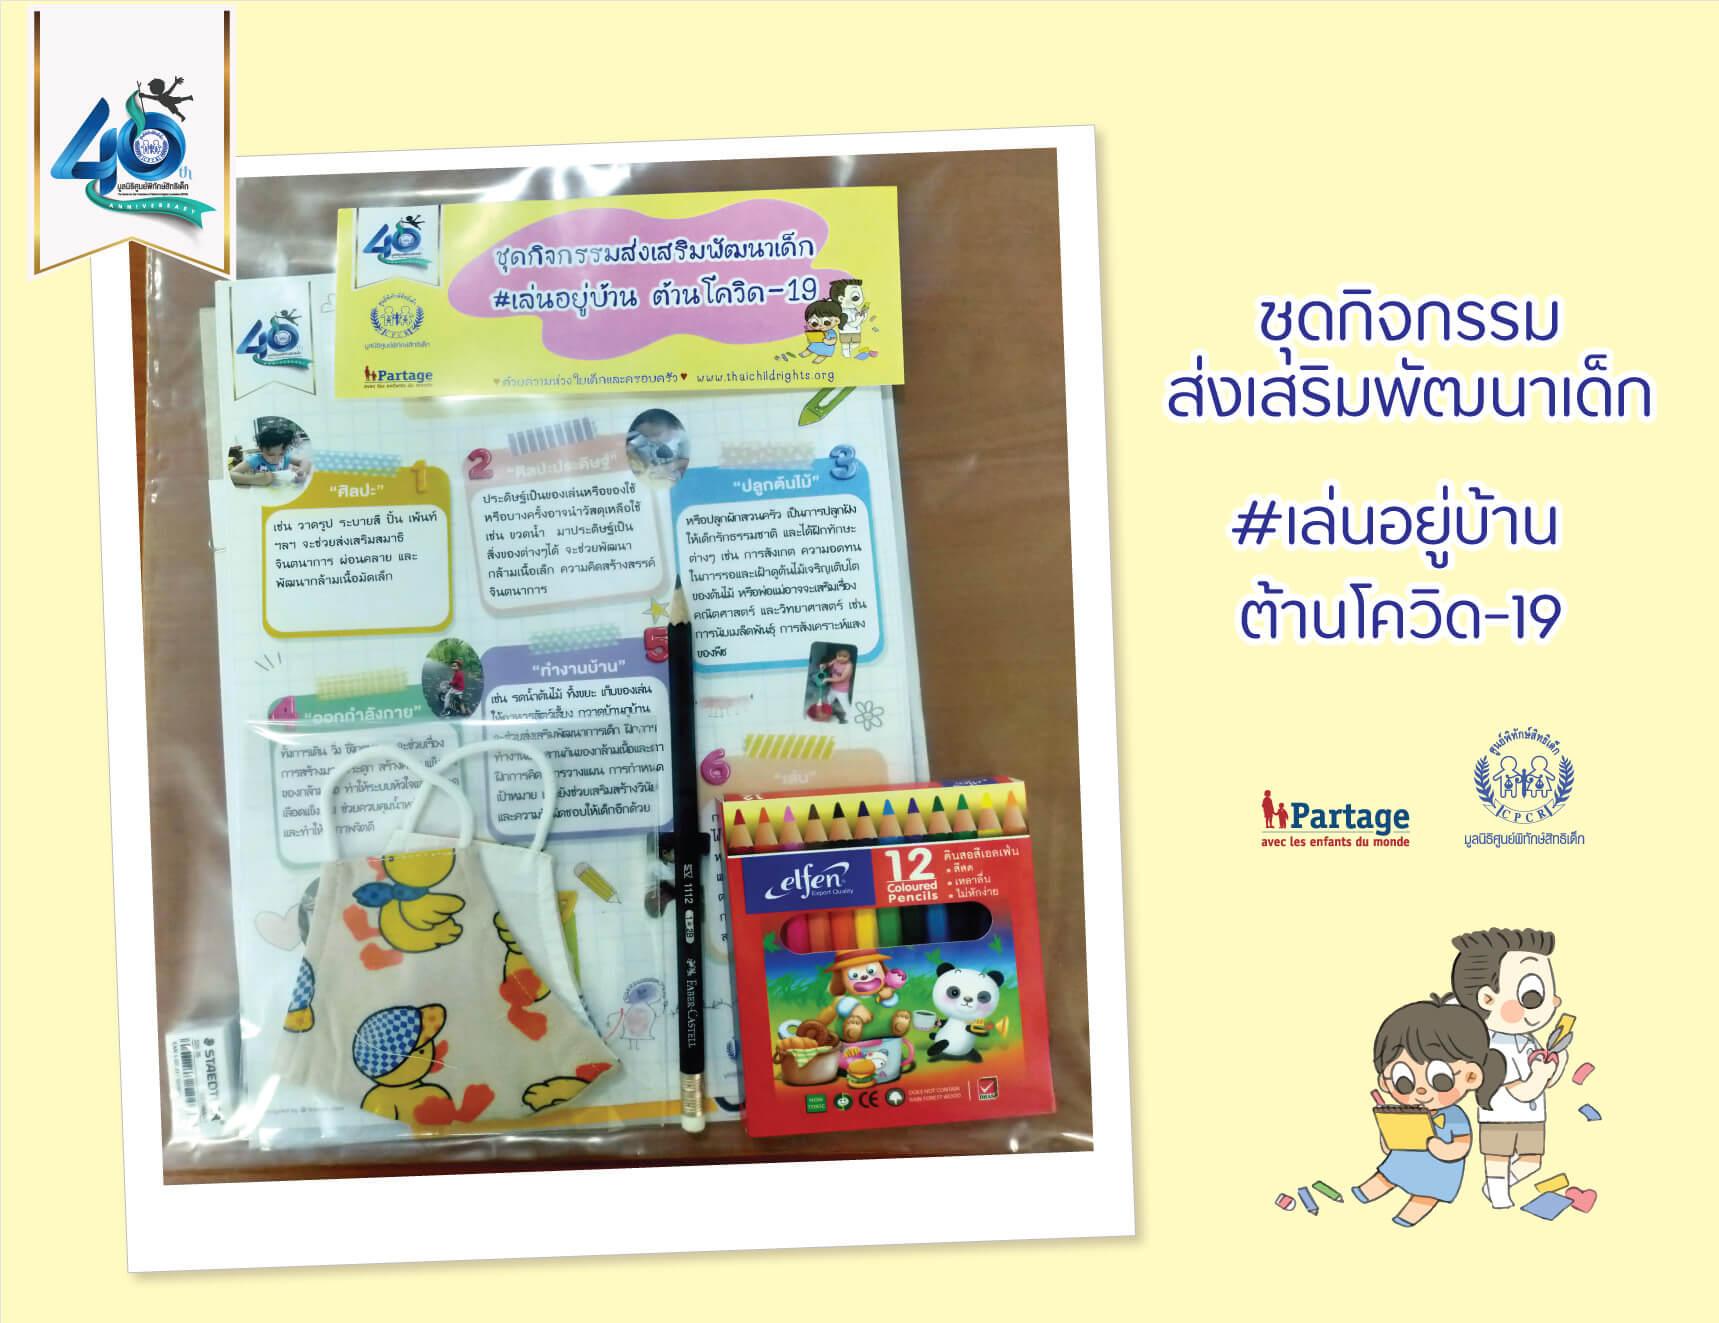 #แกนนำชุมชนคุ้มครองเด็ก อาสาลงพื้นที่ส่งมอบความสุข กับชุดกิจกรรมส่งเสริมพัฒนาเด็ก